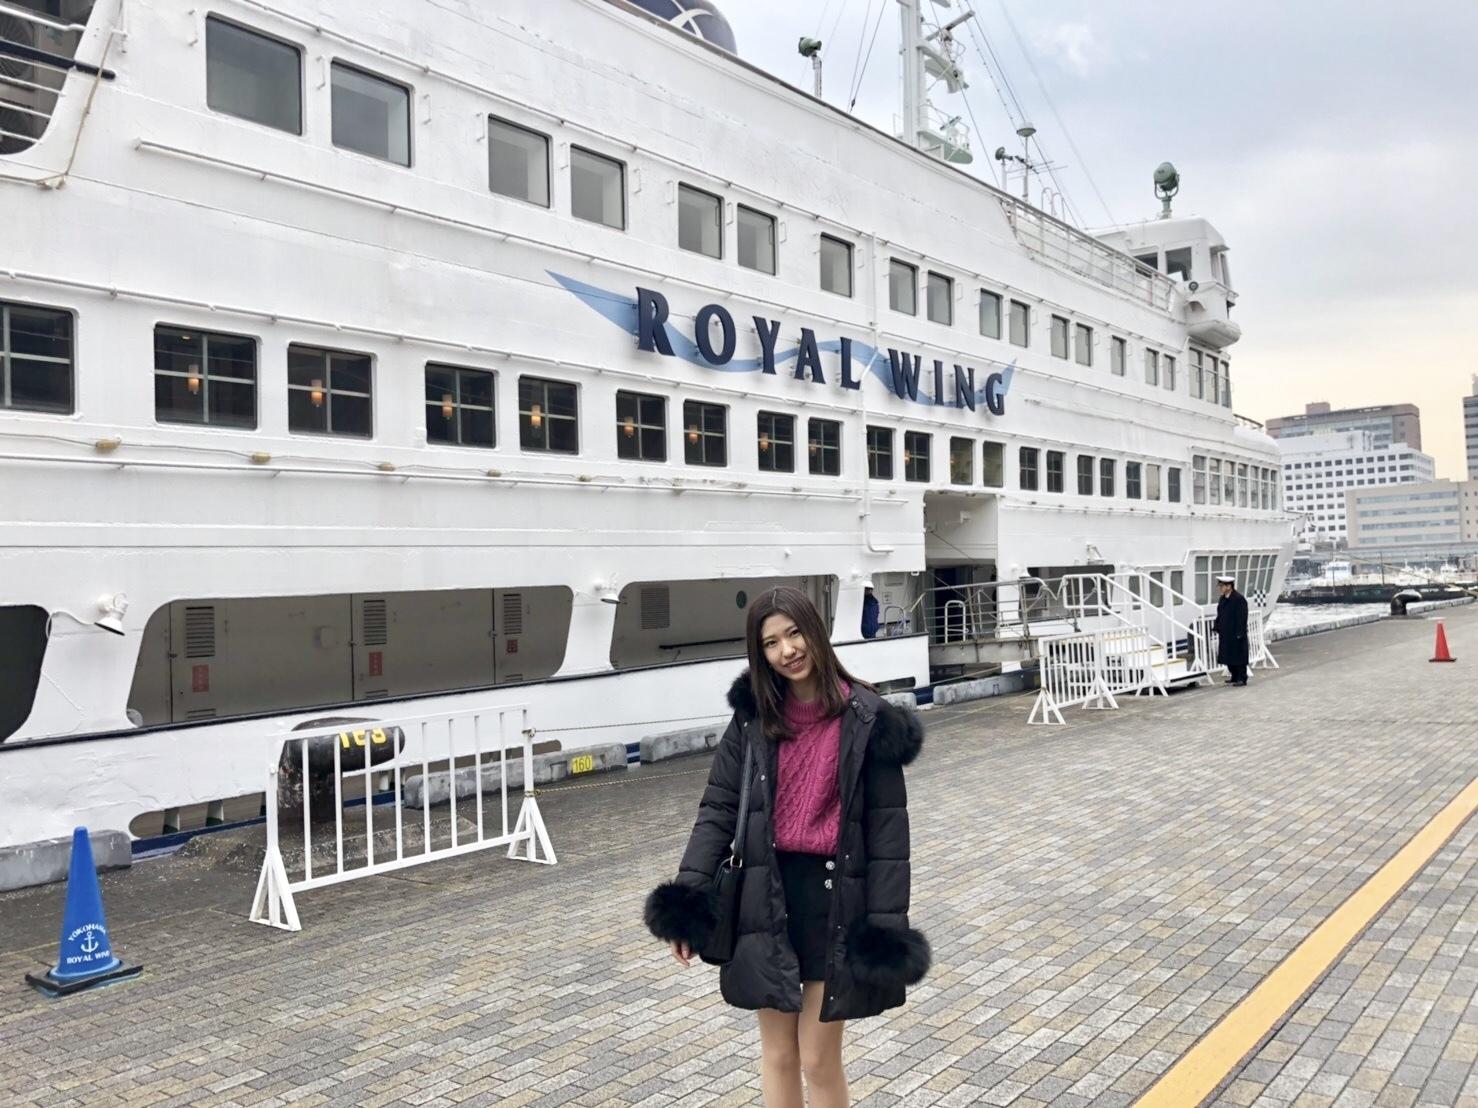 横浜のランチクルーズに行ってみた!_1_1